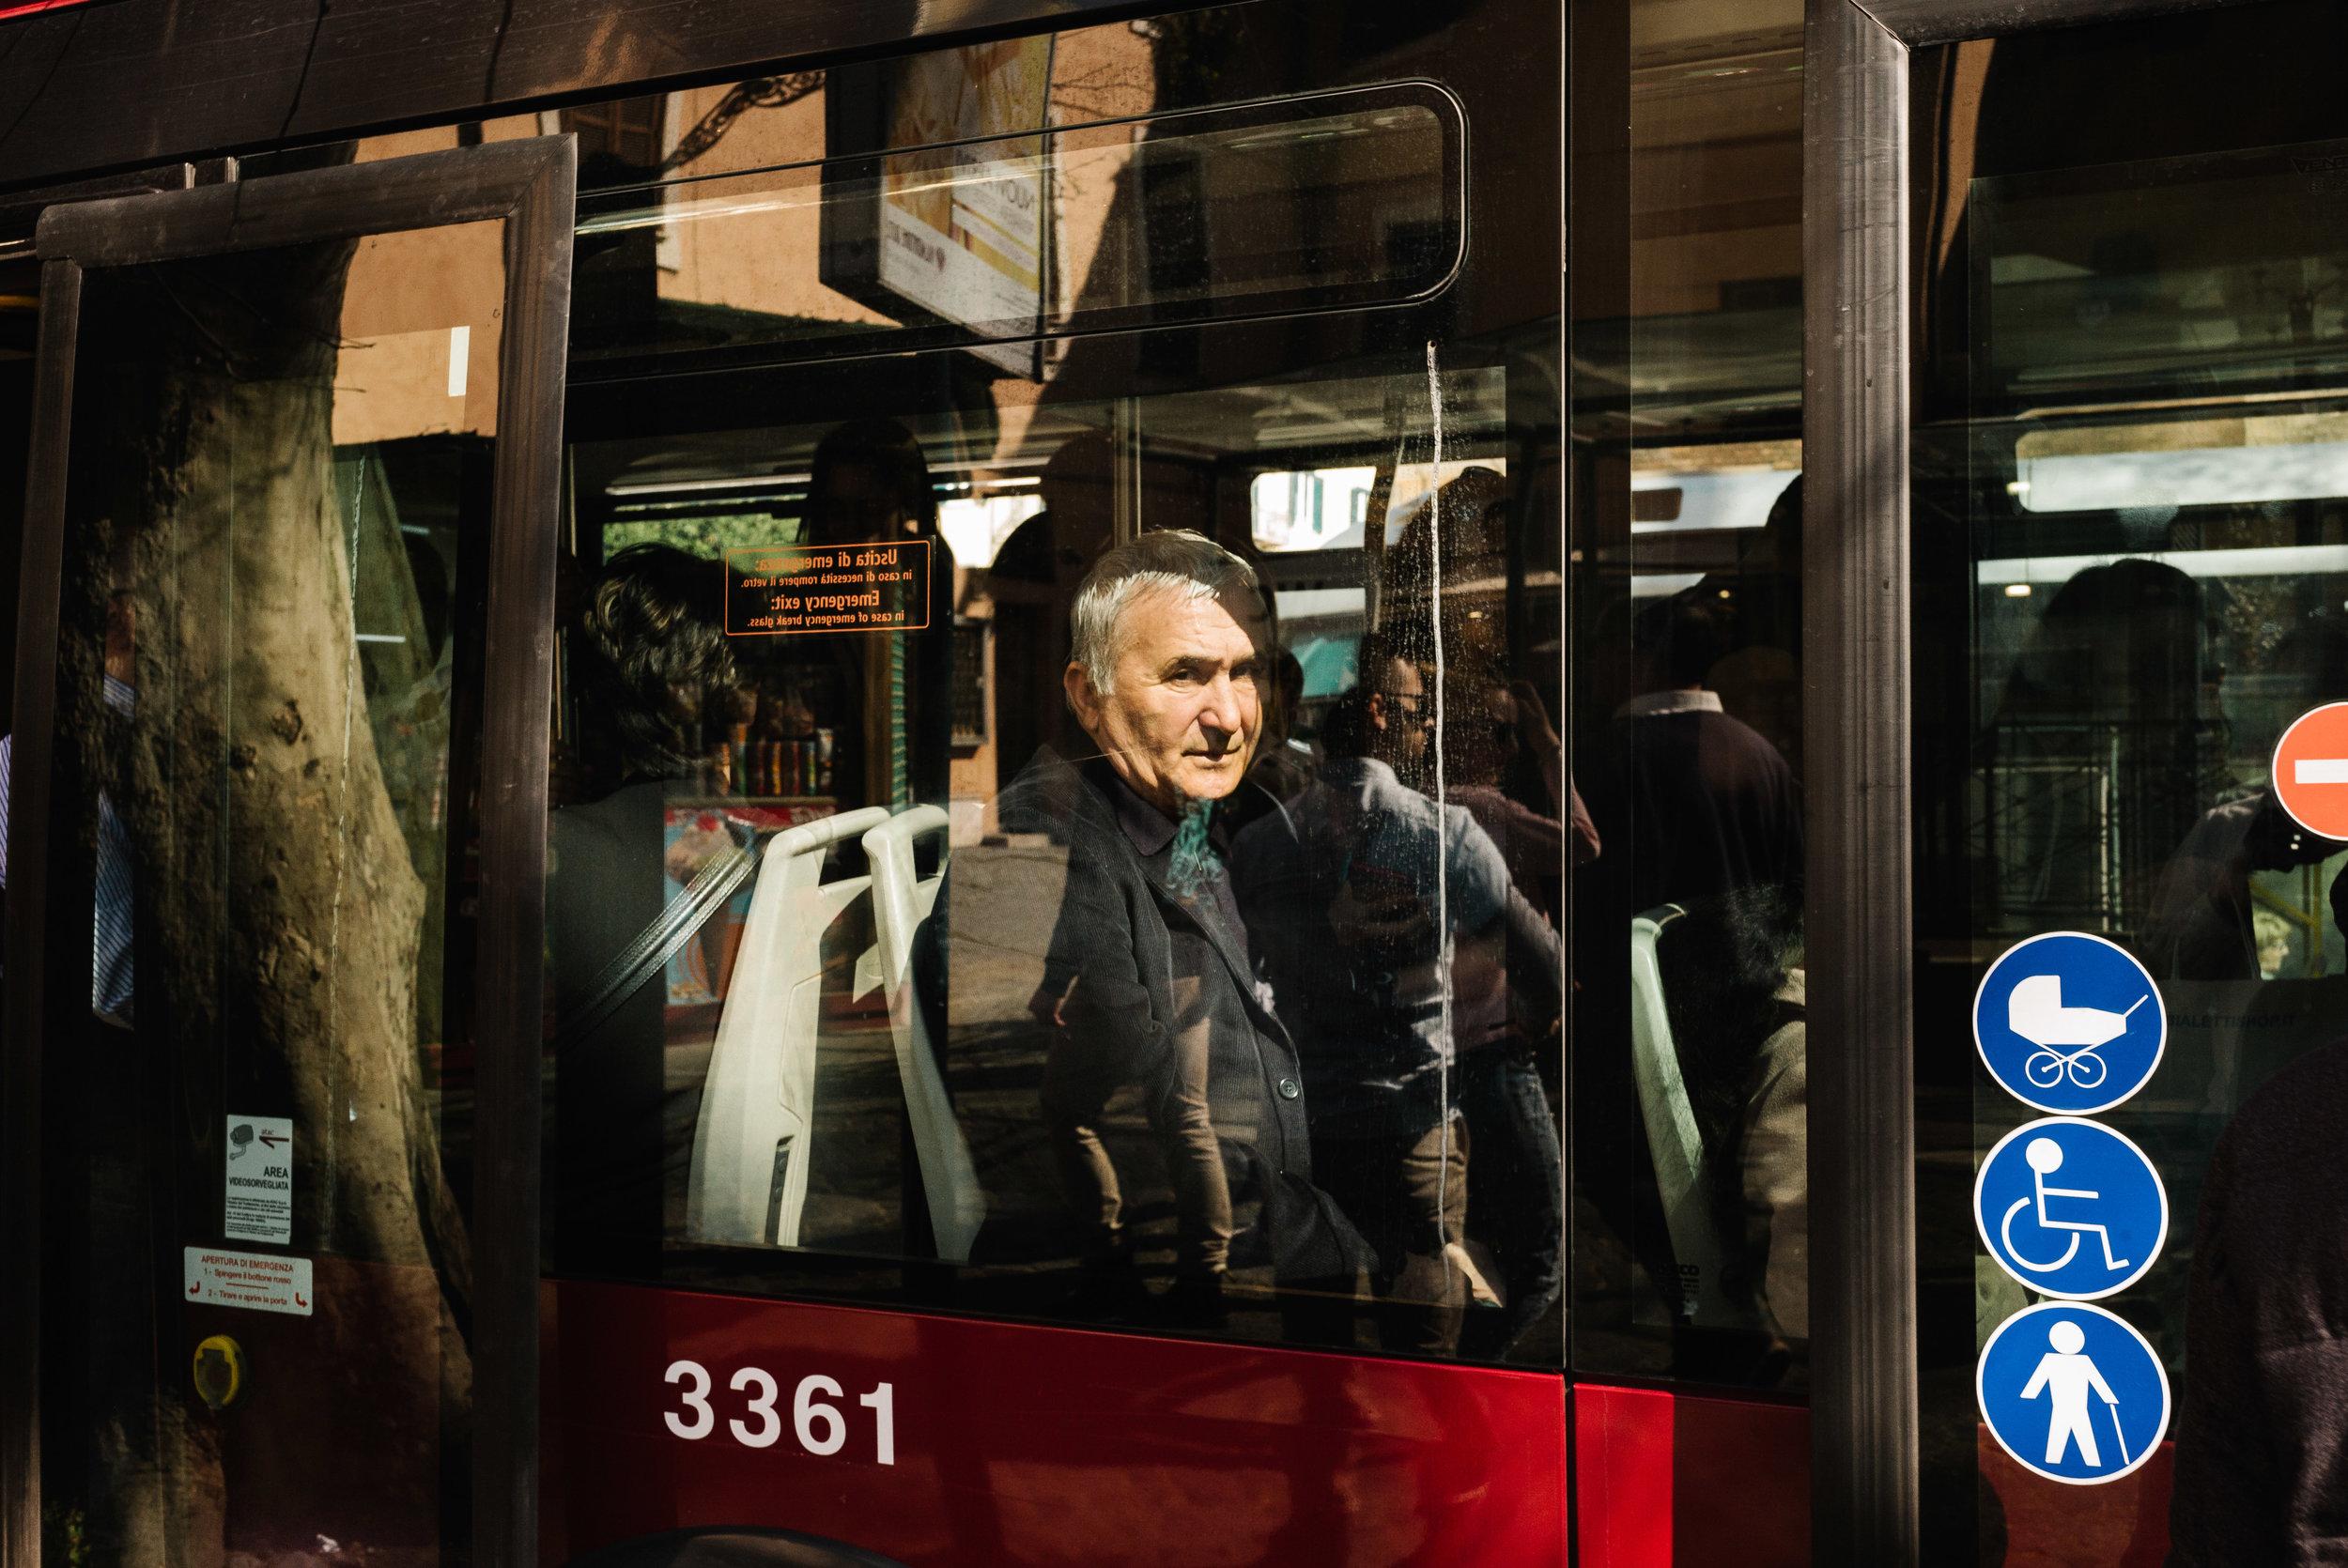 Tram - Clifford Darby 2019